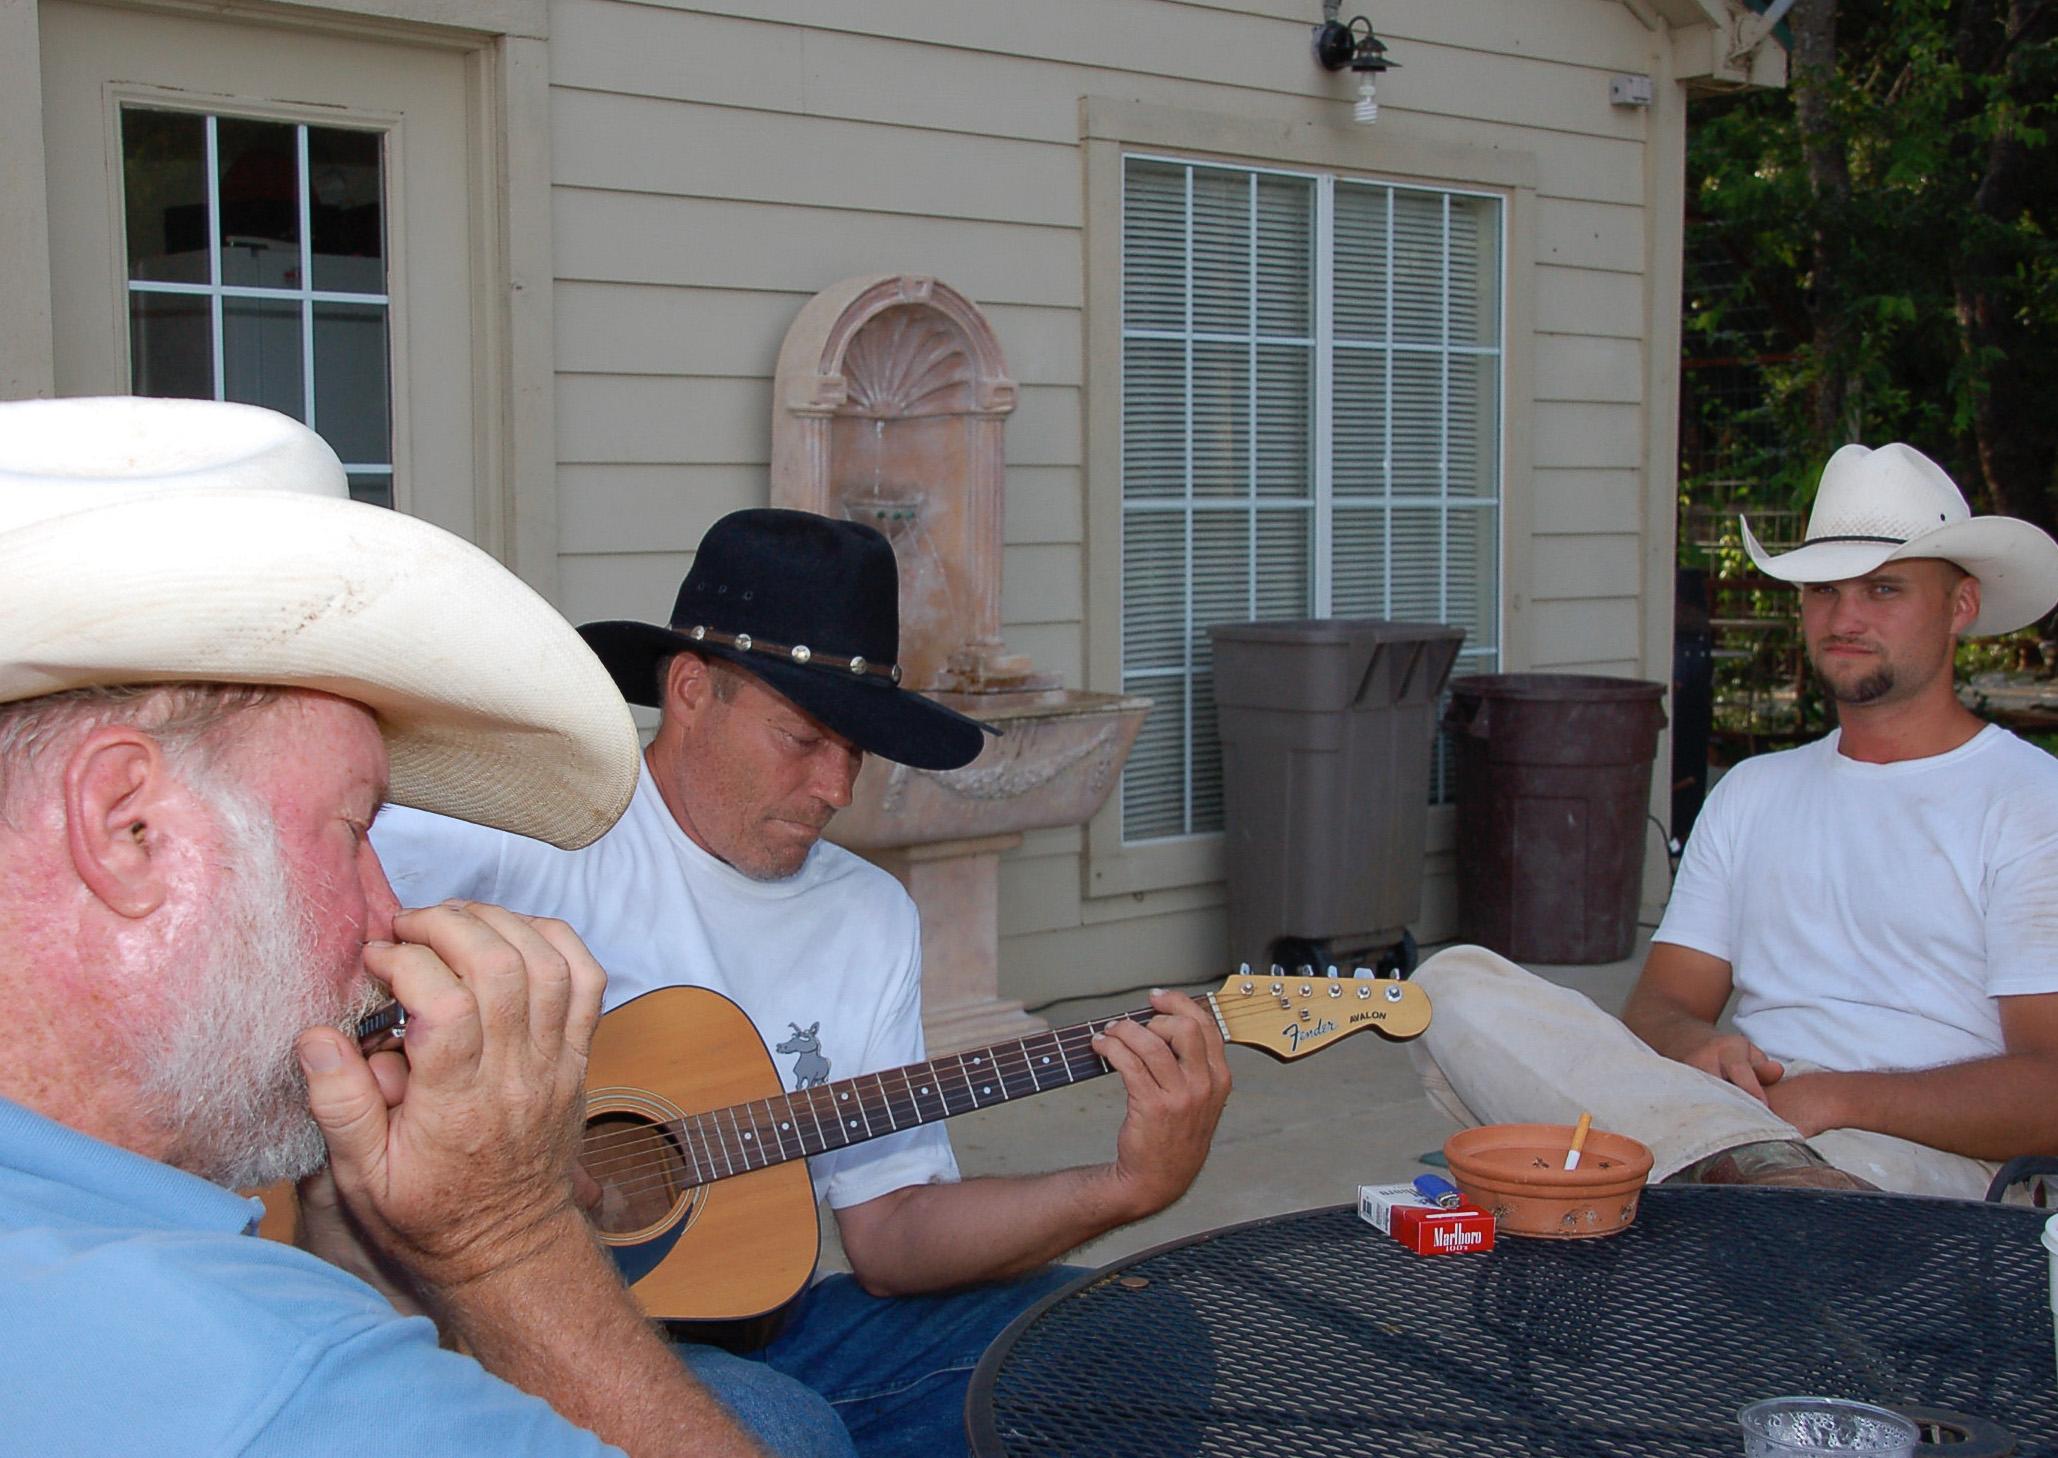 Cowboys musizieren mit Mundharmonika und Gitarre am Lagerfeuer auf der Dude Ranch in Oklahoma